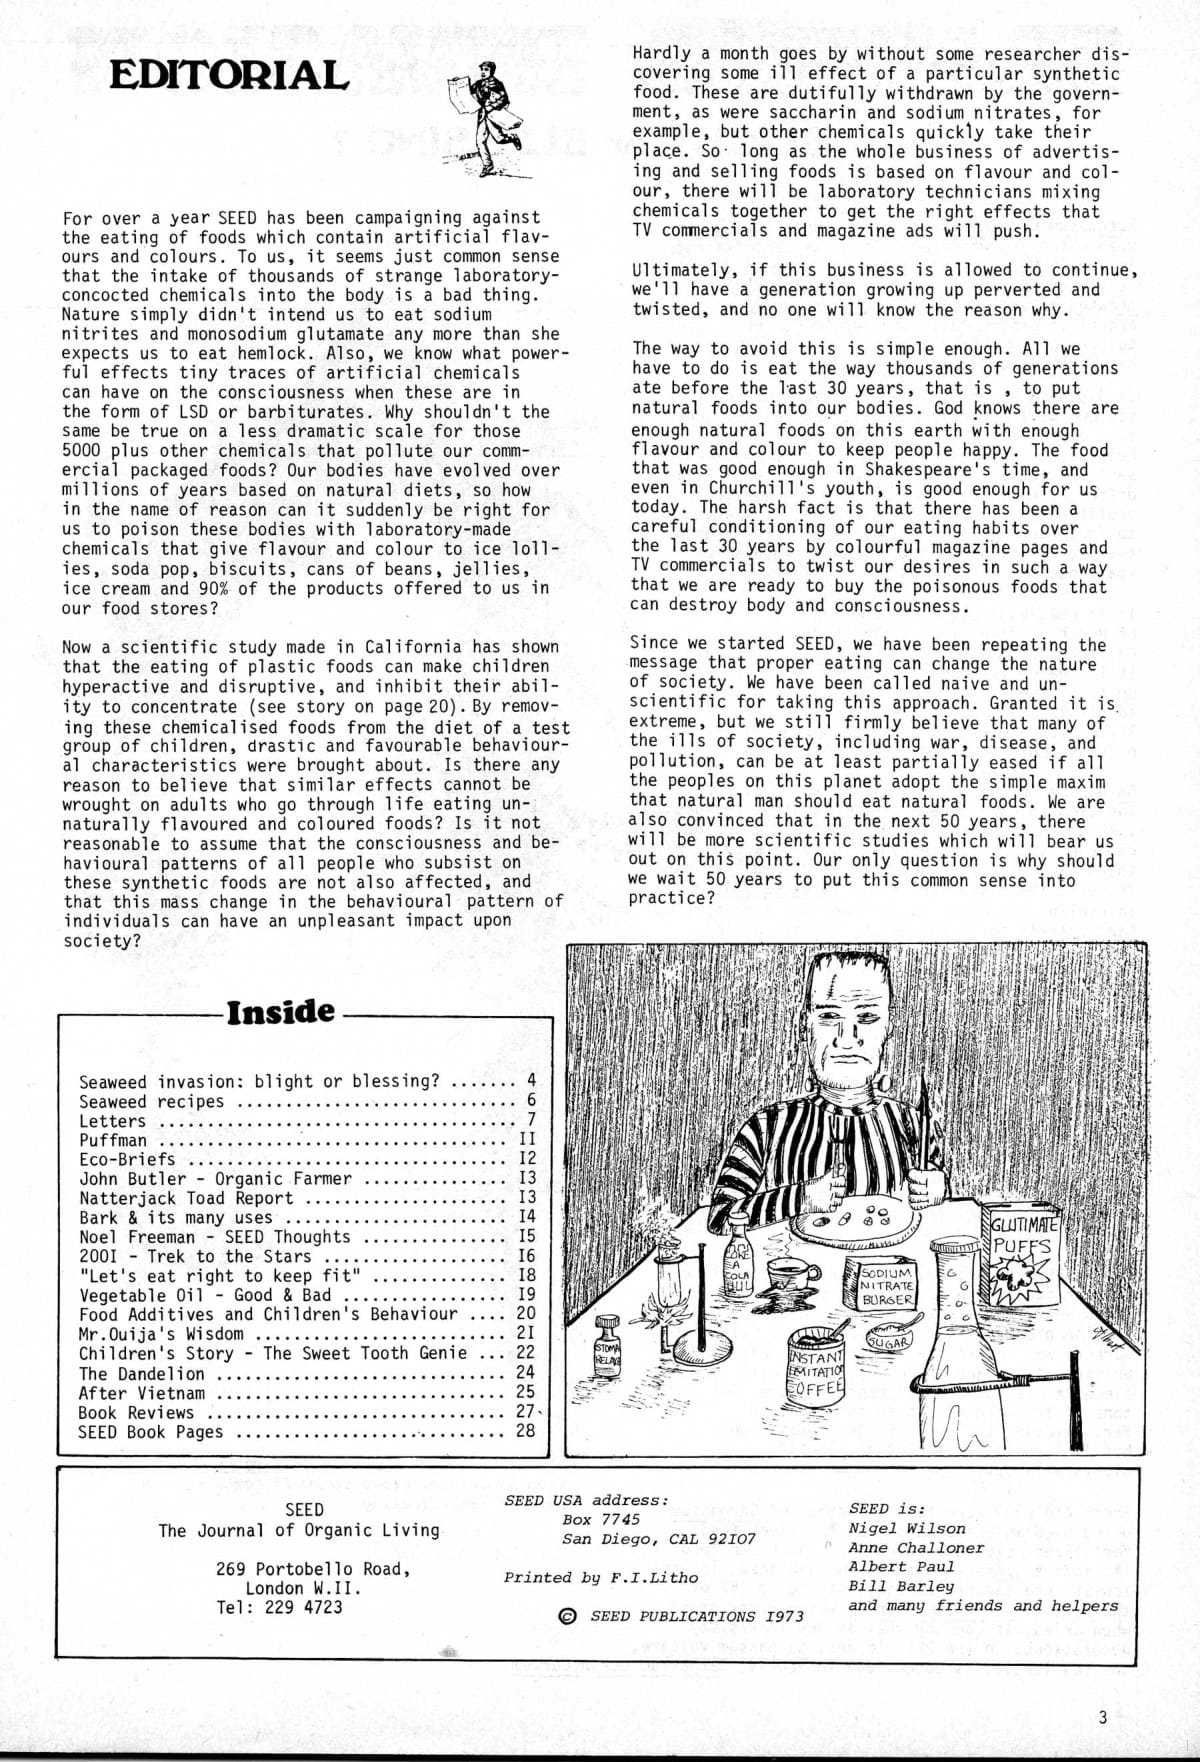 seed-v2-n7-july1973-03.jpg